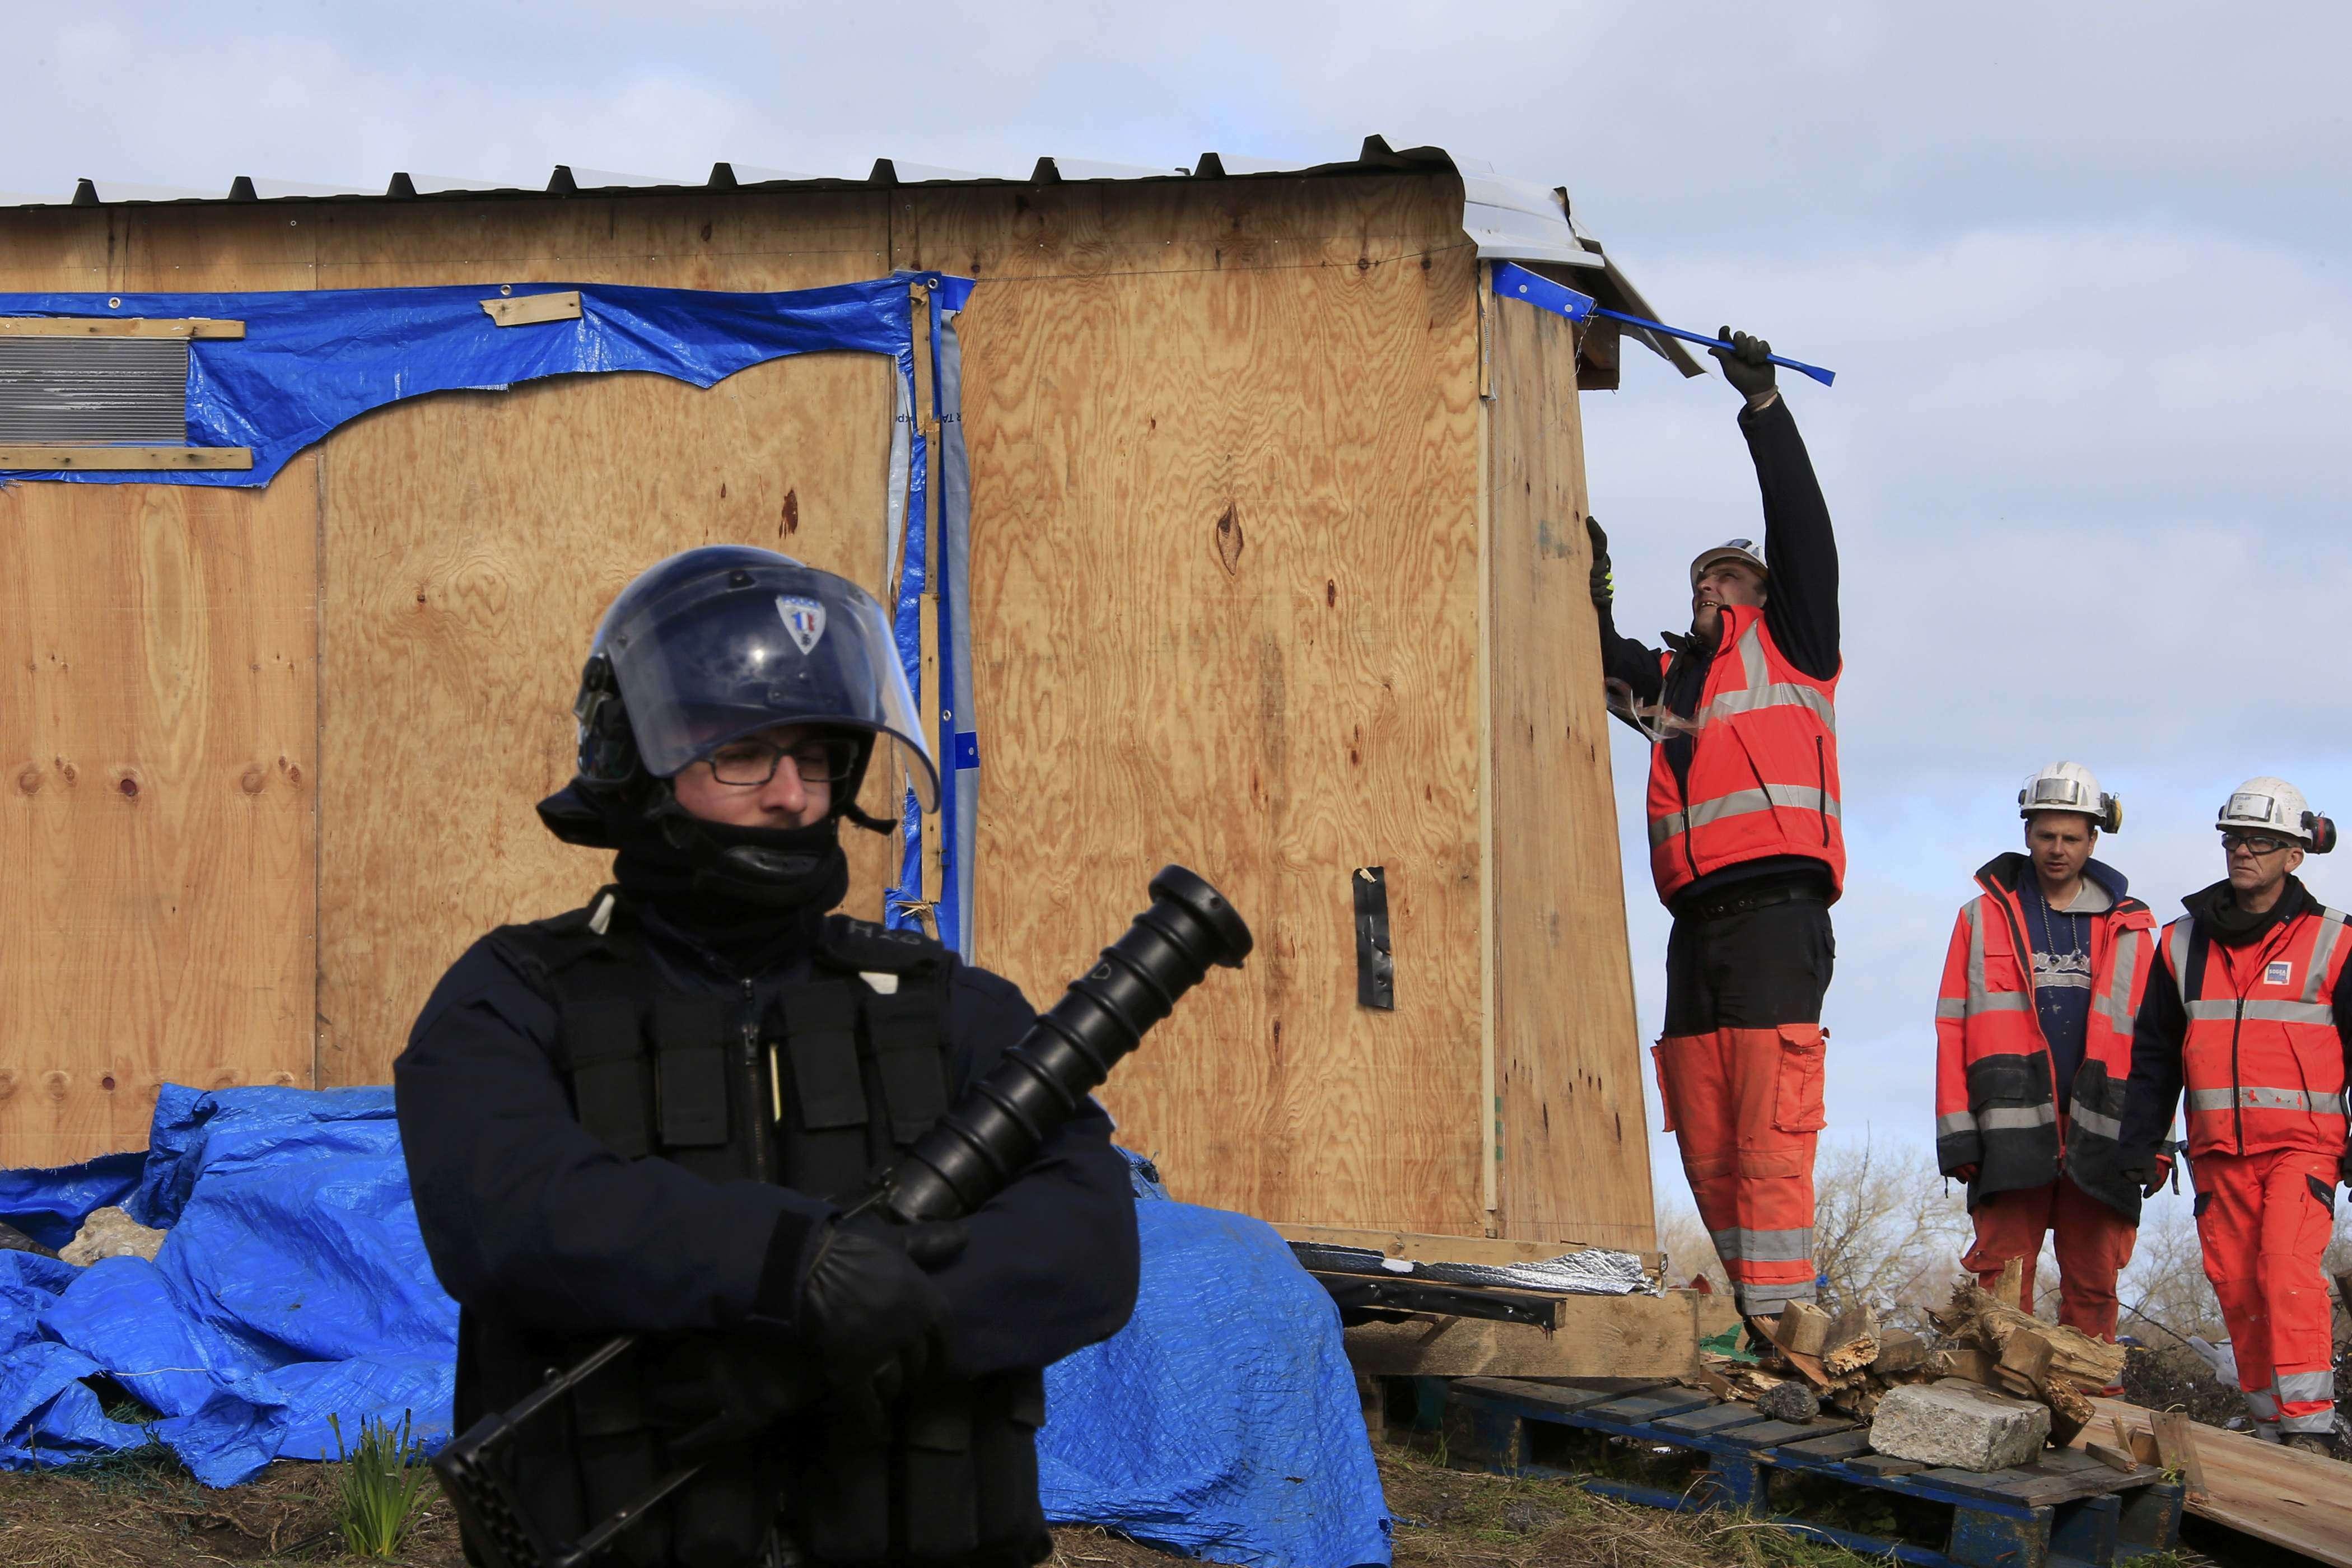 Une vingtaine de salariés d'une entreprise de travaux publics ont commencé à démonter des abris dès le début de la matinée dans la partie sud du bidonville de Calais, où vivent de 800à 1000migrants selon la préfecture, 3450selon les associations.